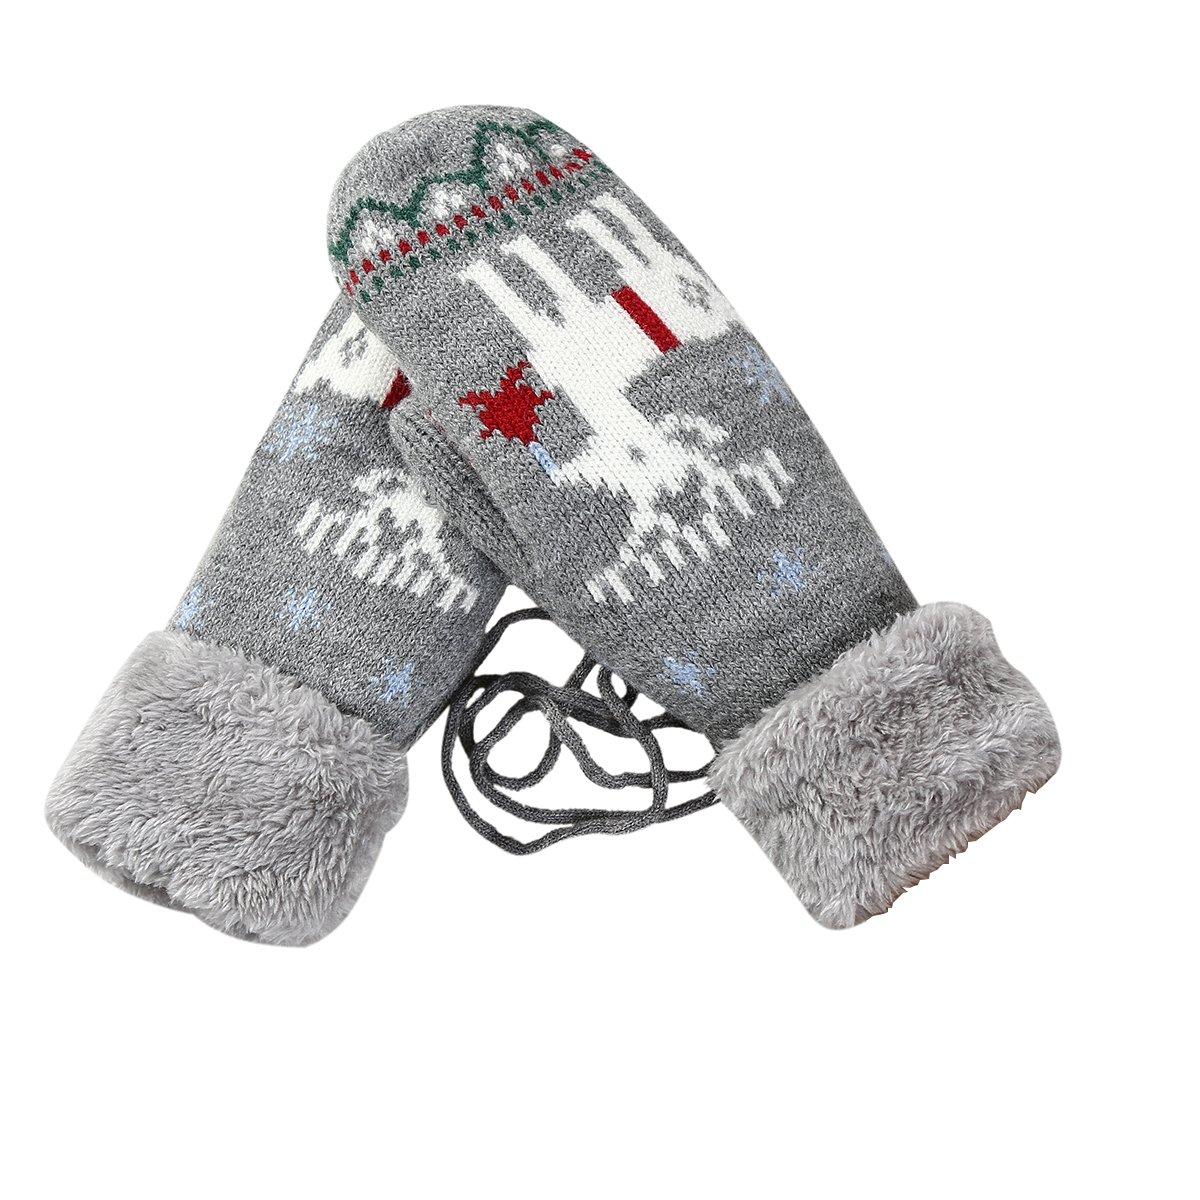 TININNA Hiver Épais Chaud Flocon de Neige Cerf Modèle Tricoté Gants Femmes Doux Peluche Doublure Tricoté Mitaines avec un Cadeau de Noël Camel